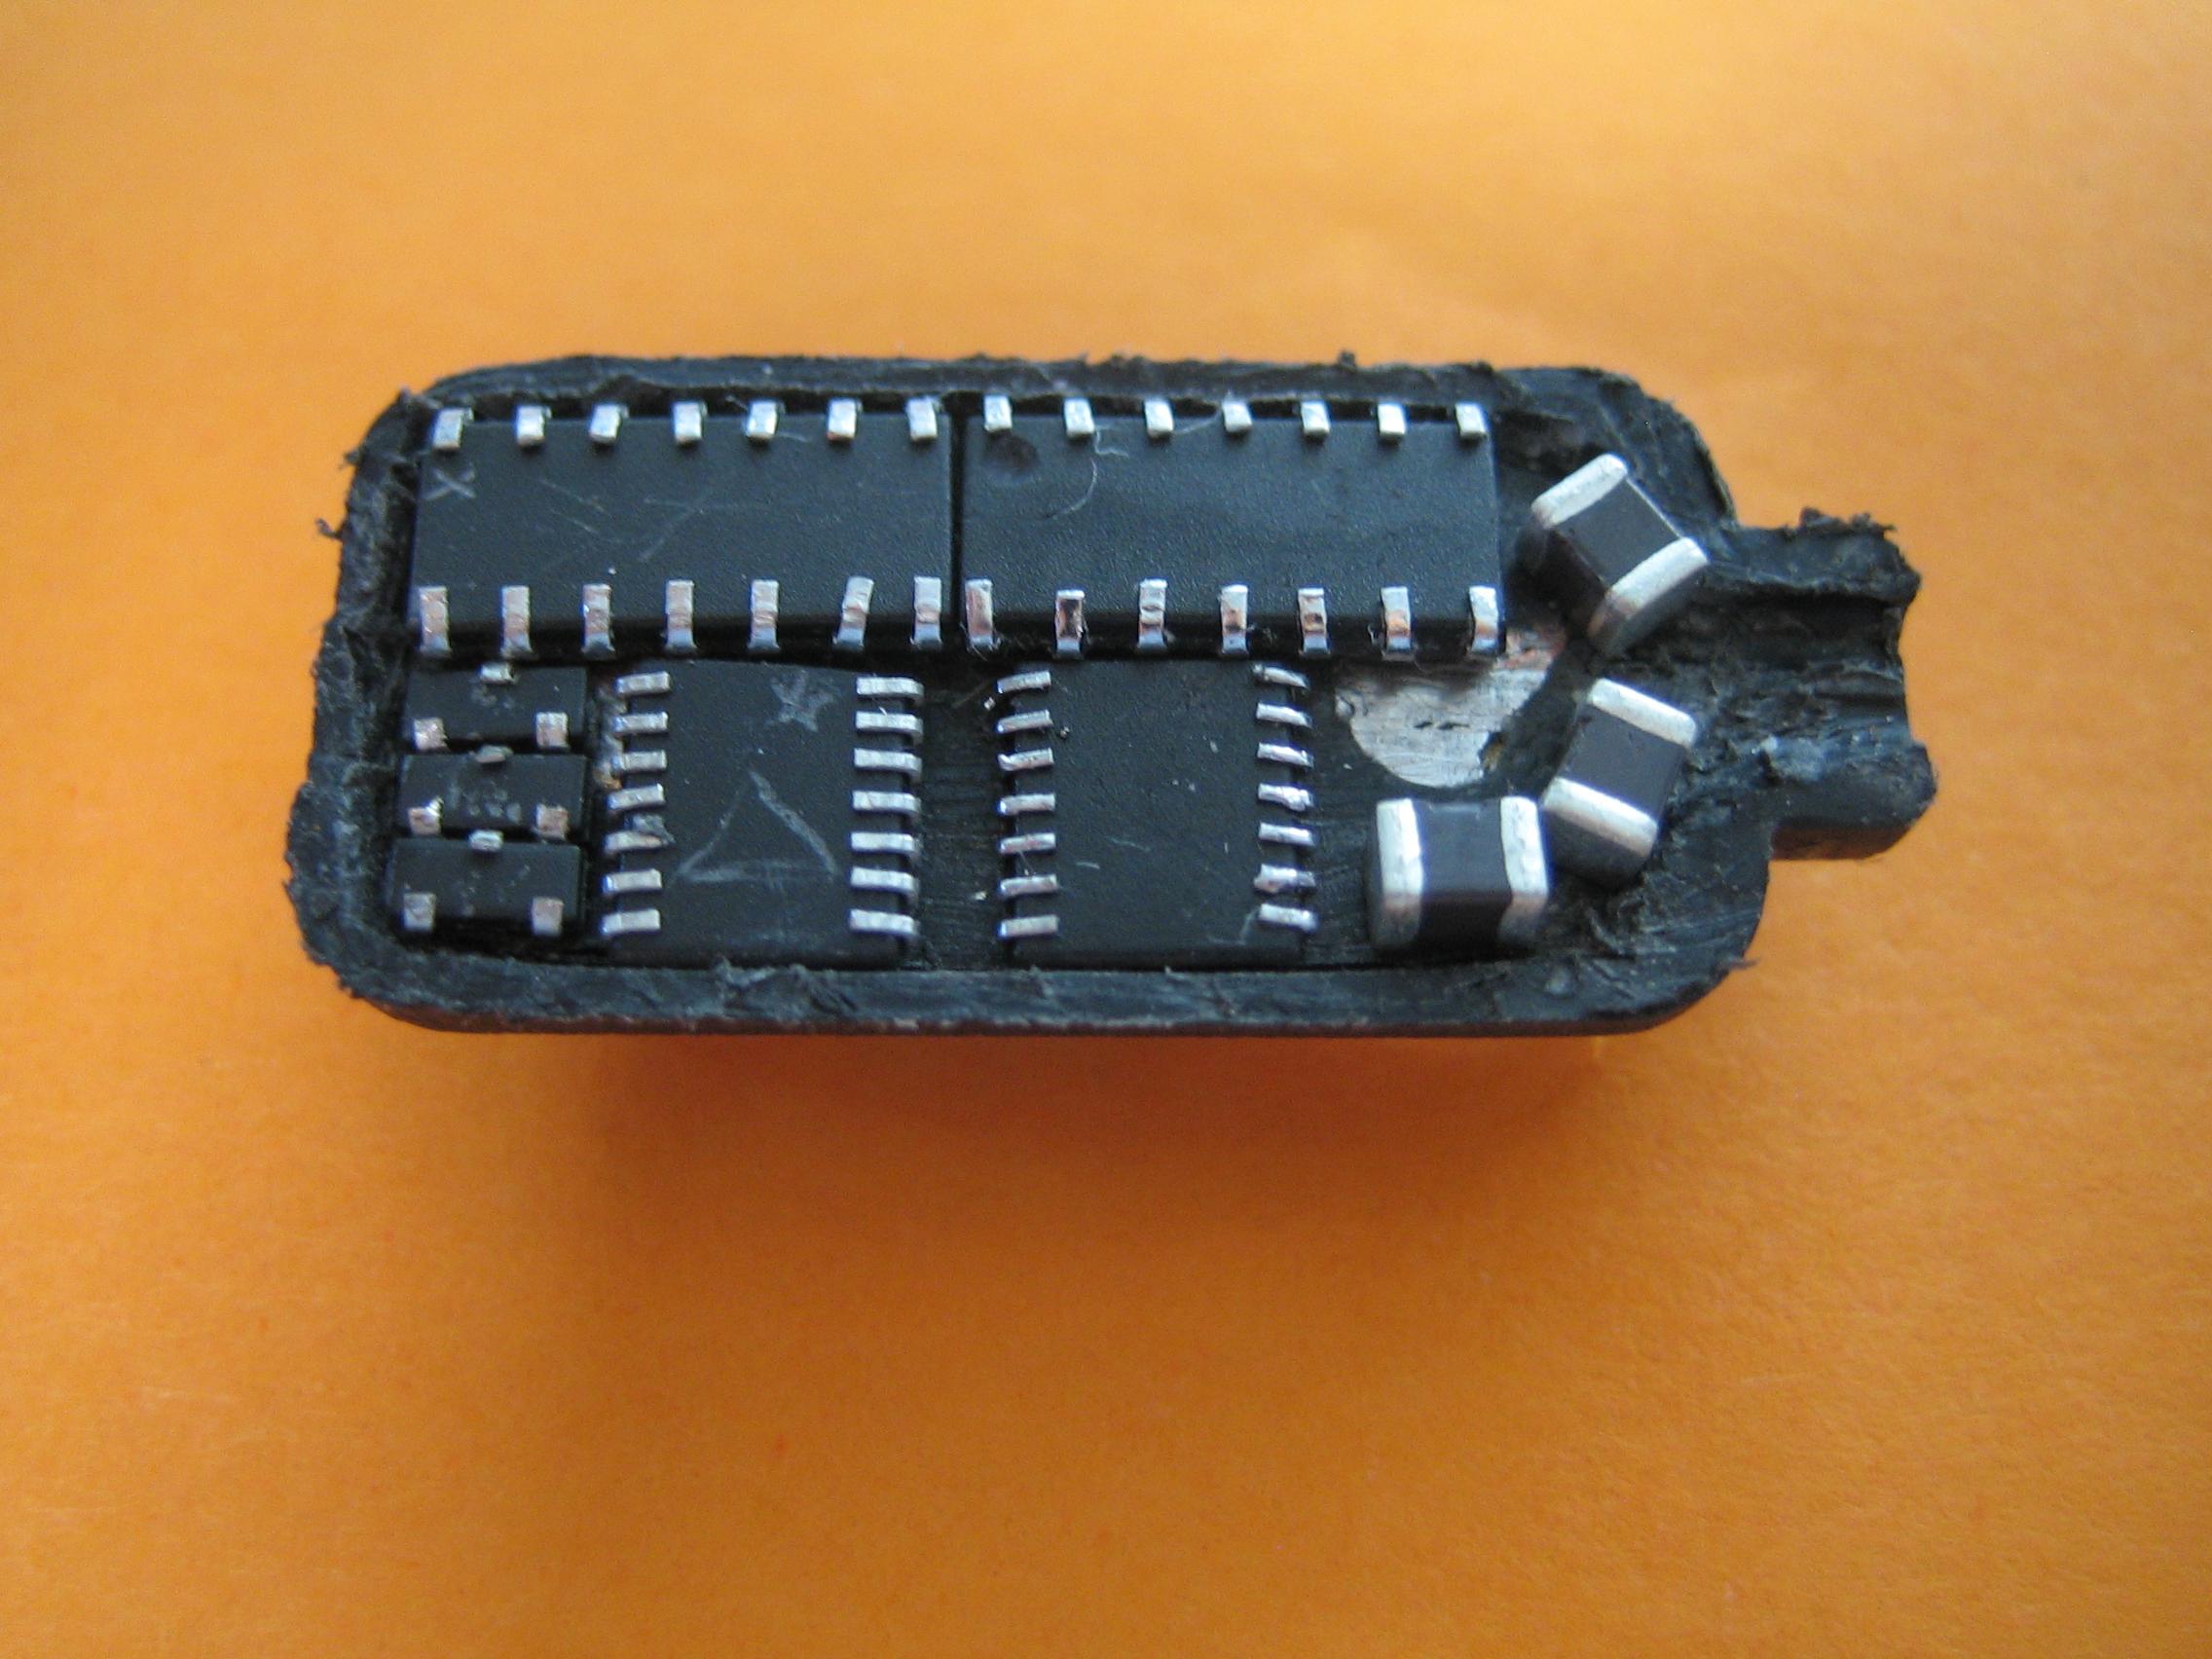 Zagadka 3-ch LED�w... (konkurs wideoblog 2012/2013)